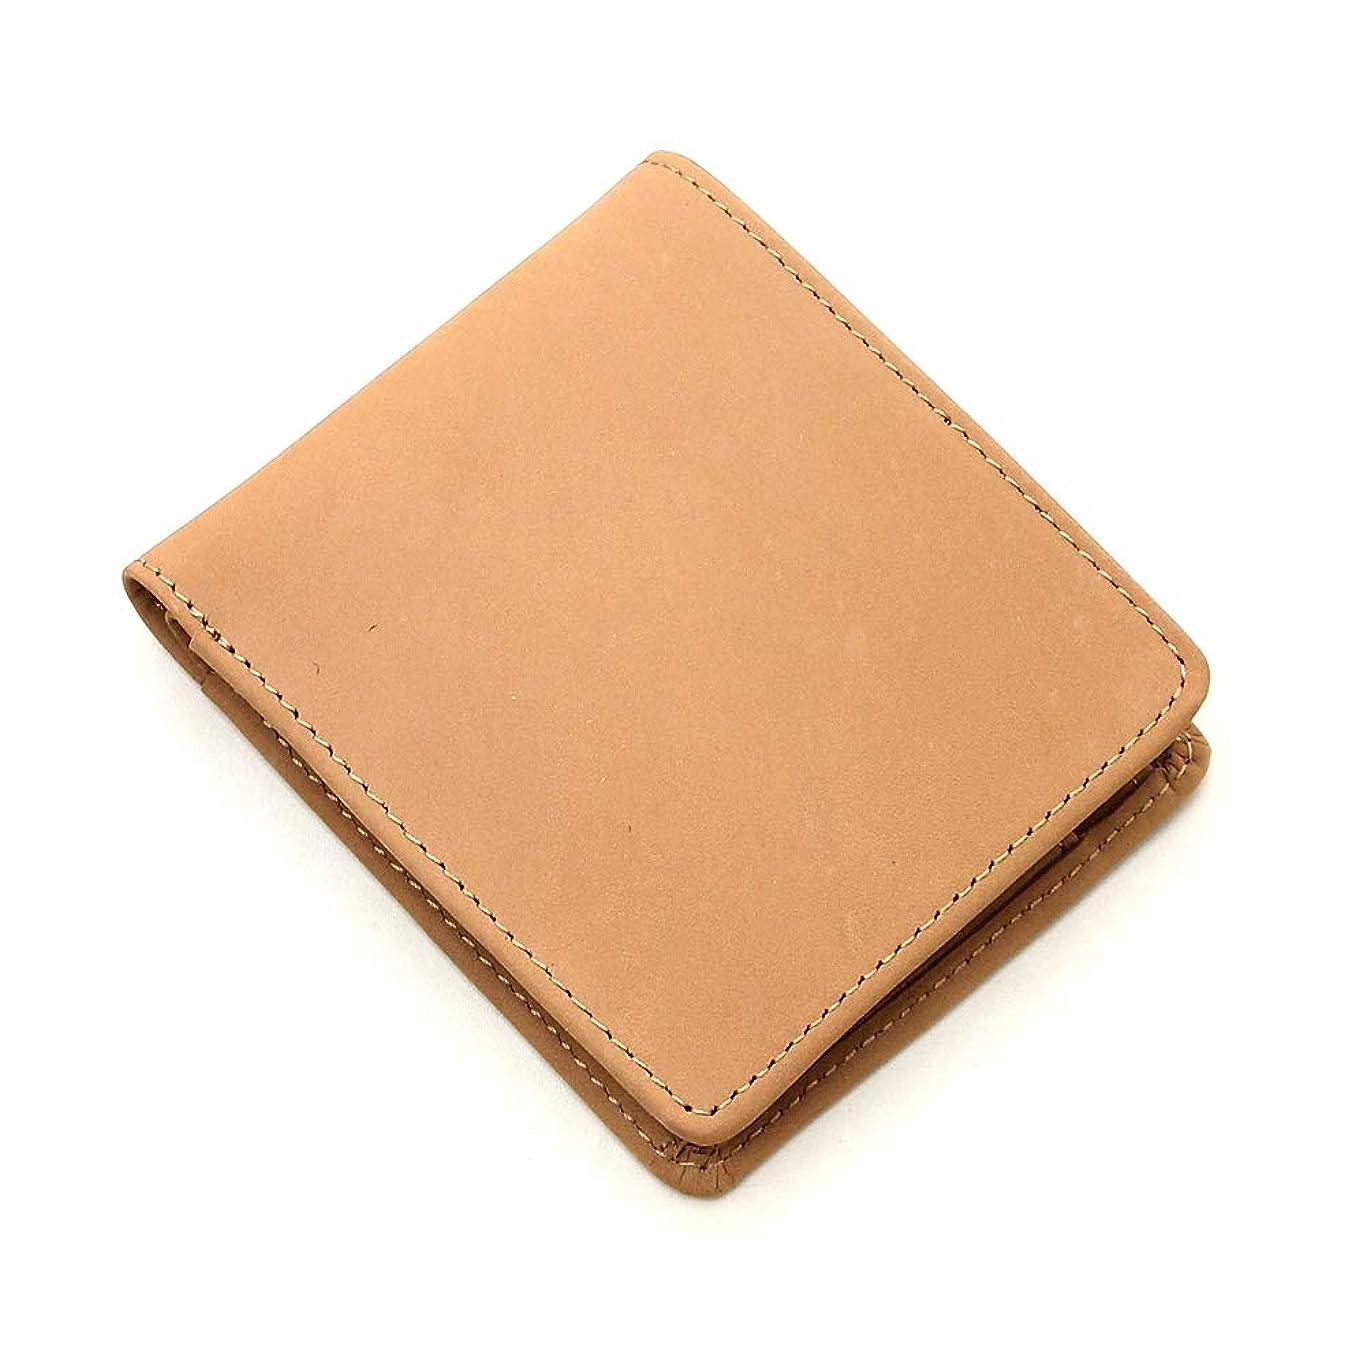 スキッパー場合彼女タチヤ TACHIYA 財布 USA ヌバックレザー 二つ折り ウォレット ハーフウォレット 本革 (01-u0280zg) 16/ナチュラル